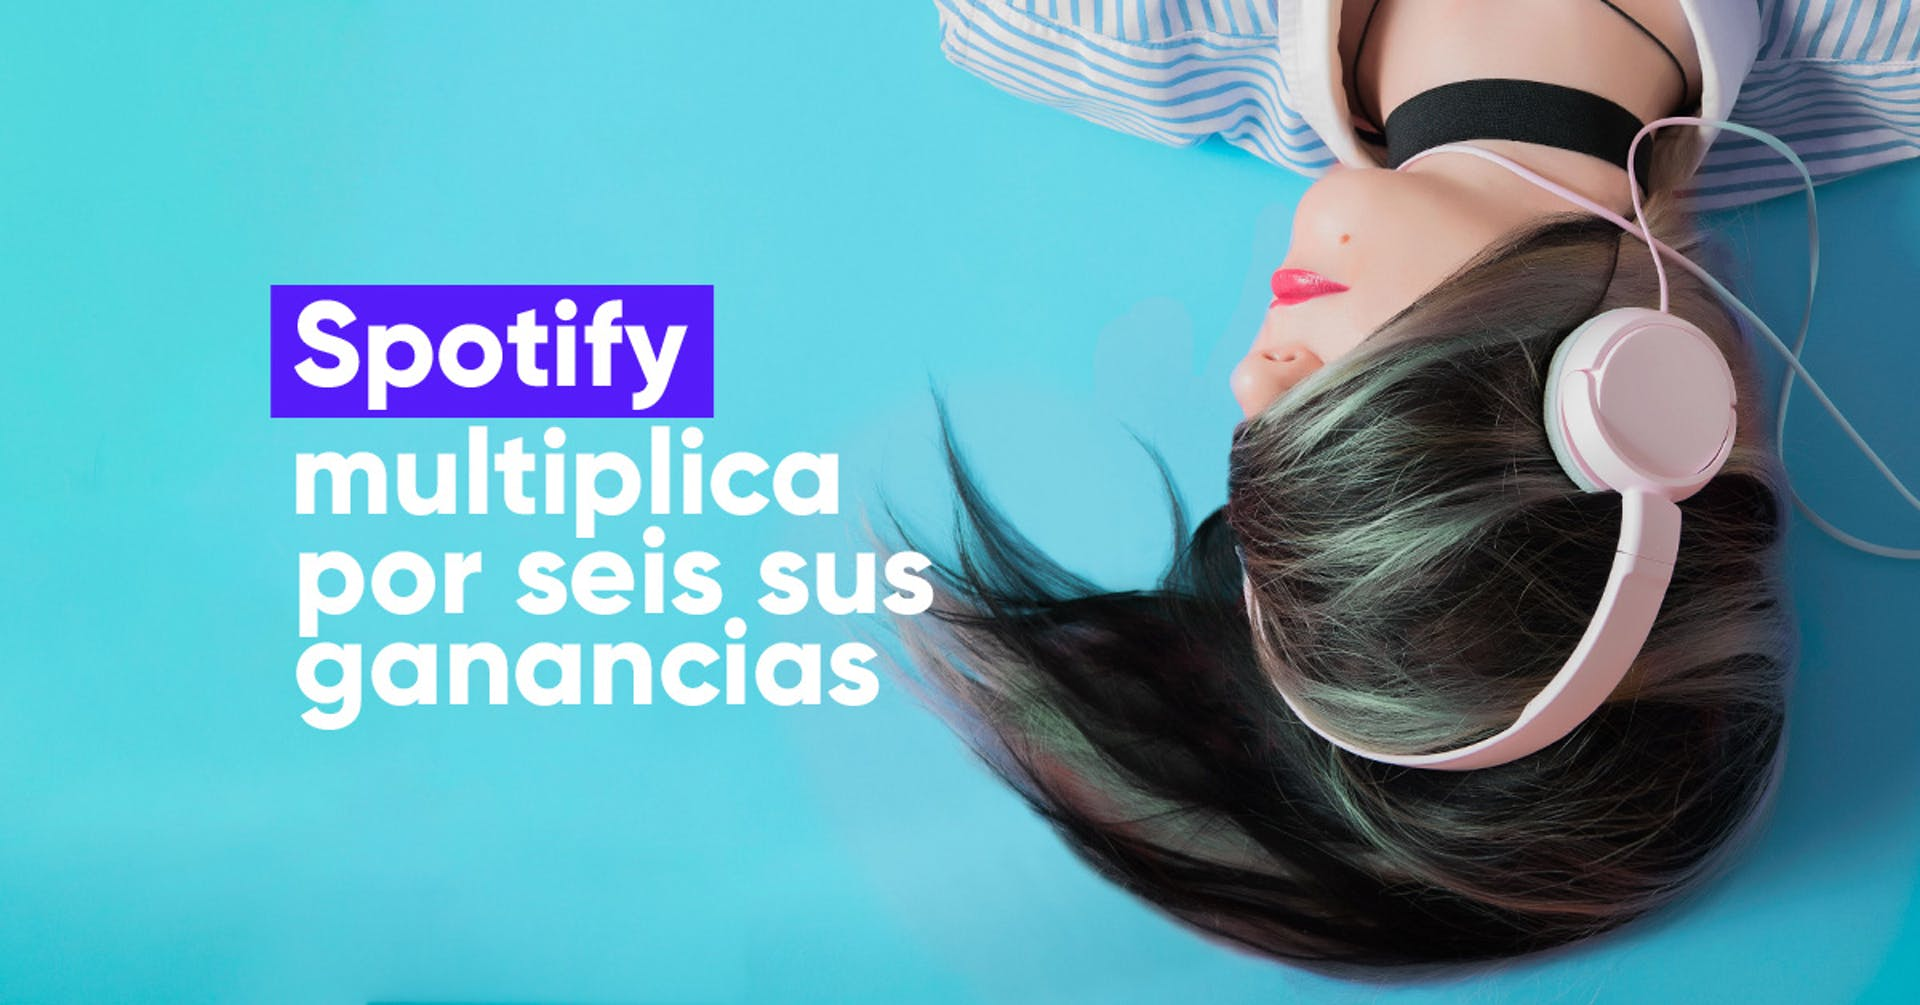 Spotify multiplica 6 veces sus beneficios gracias a los podcast